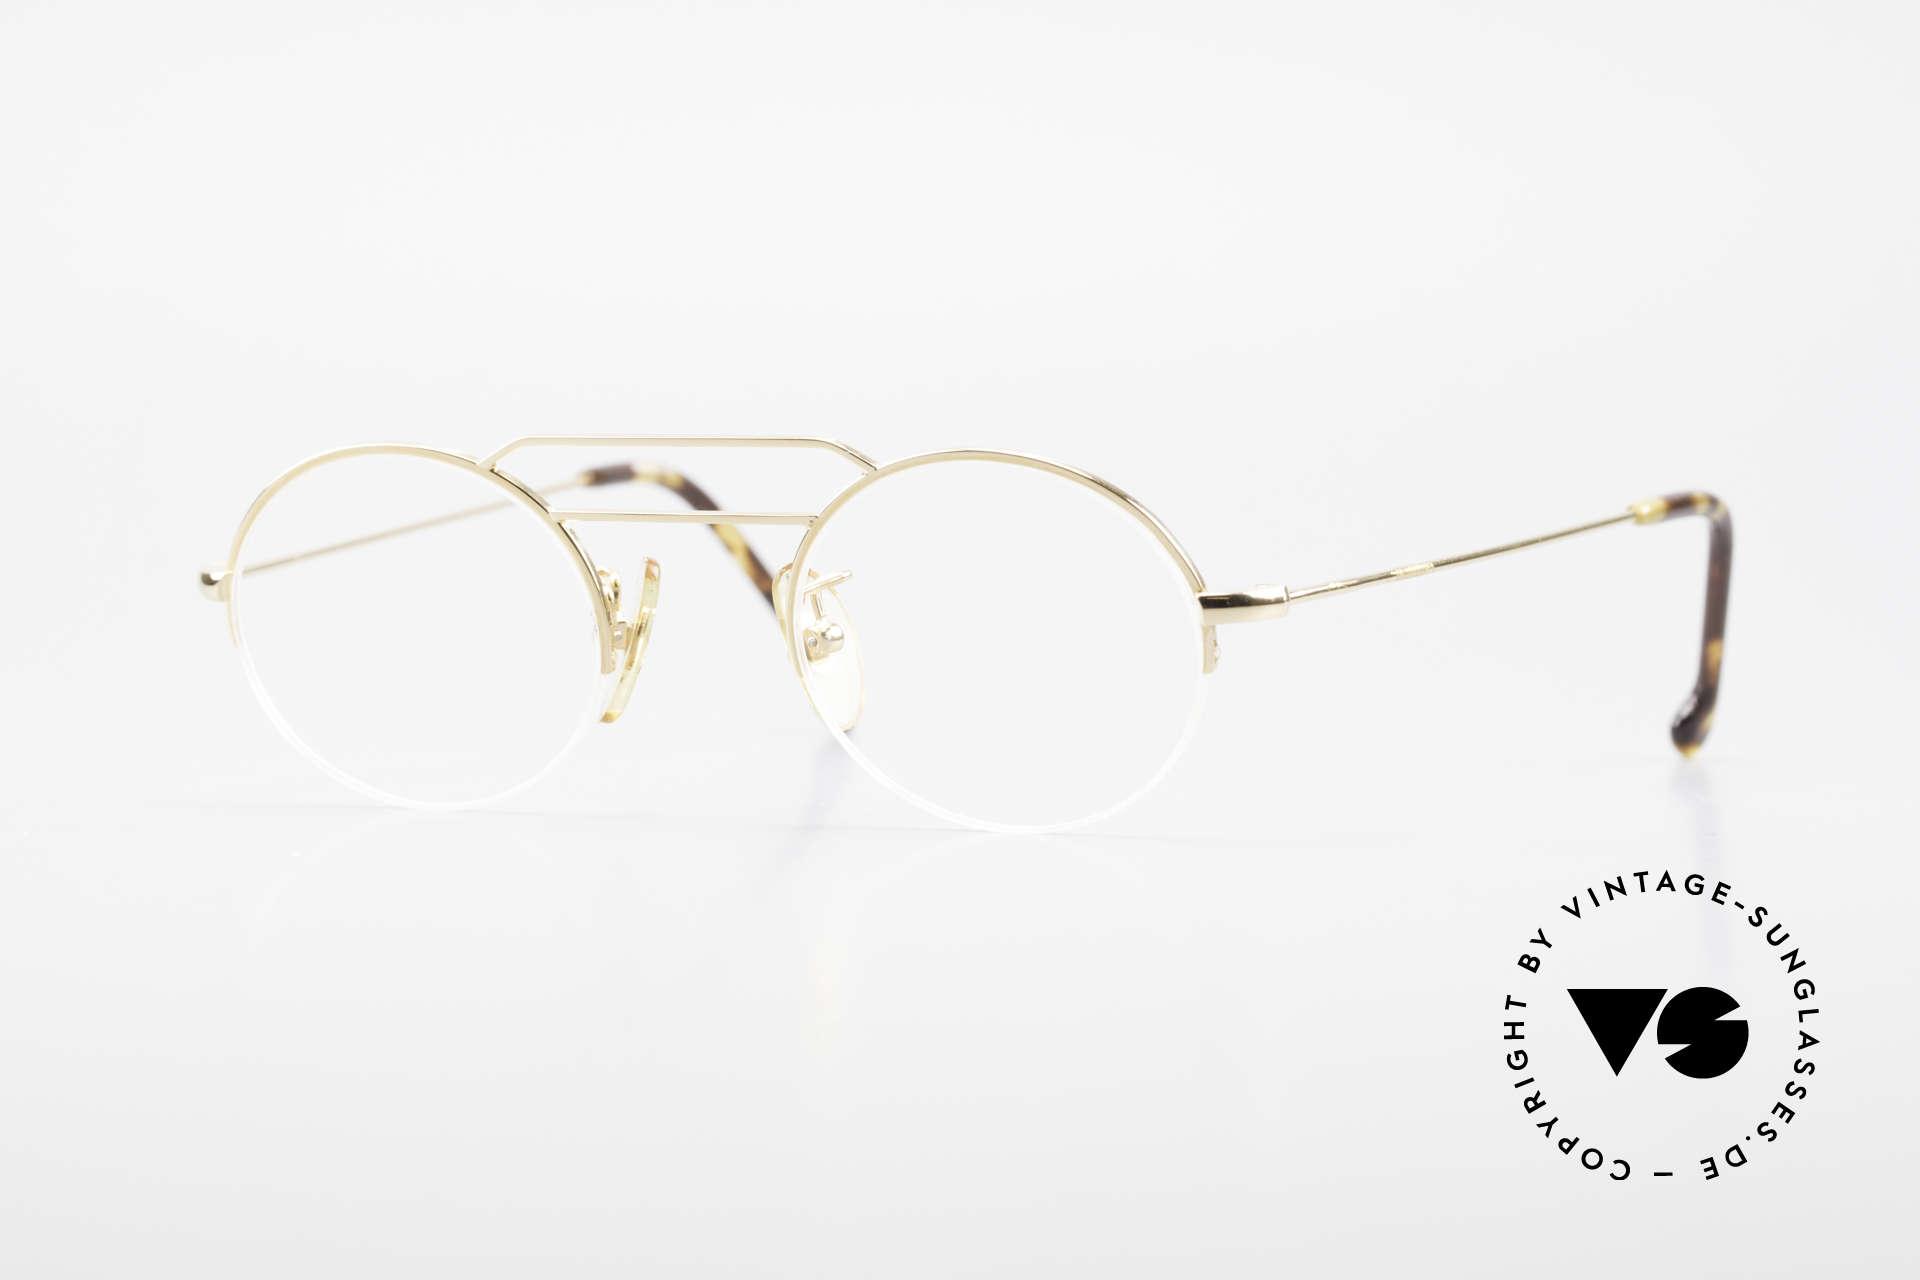 W Proksch's M5/7 90er Halb Randlos Vergoldet, vergoldete Proksch's vintage Brillenfassung von 1994, Passend für Herren und Damen